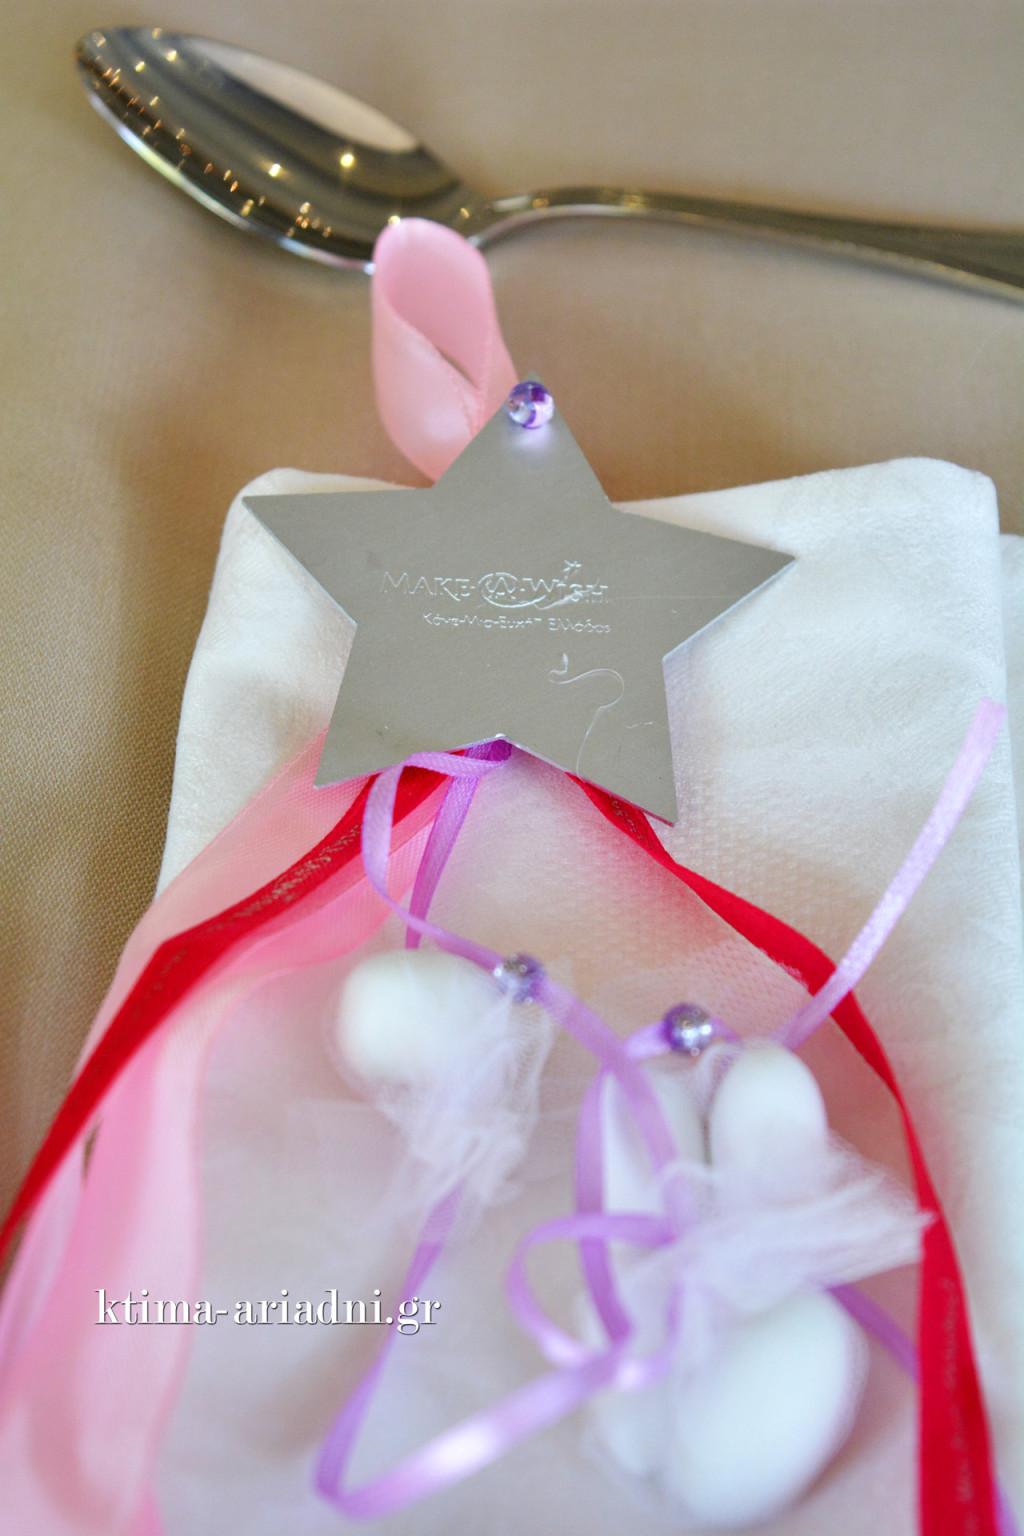 Οι μπομπονιέρες του γάμου από το Make a Wish. Αντί άλλου διακοσμητικού, επιλέχθηκε ένα ασημένιο αστέρι ευχής